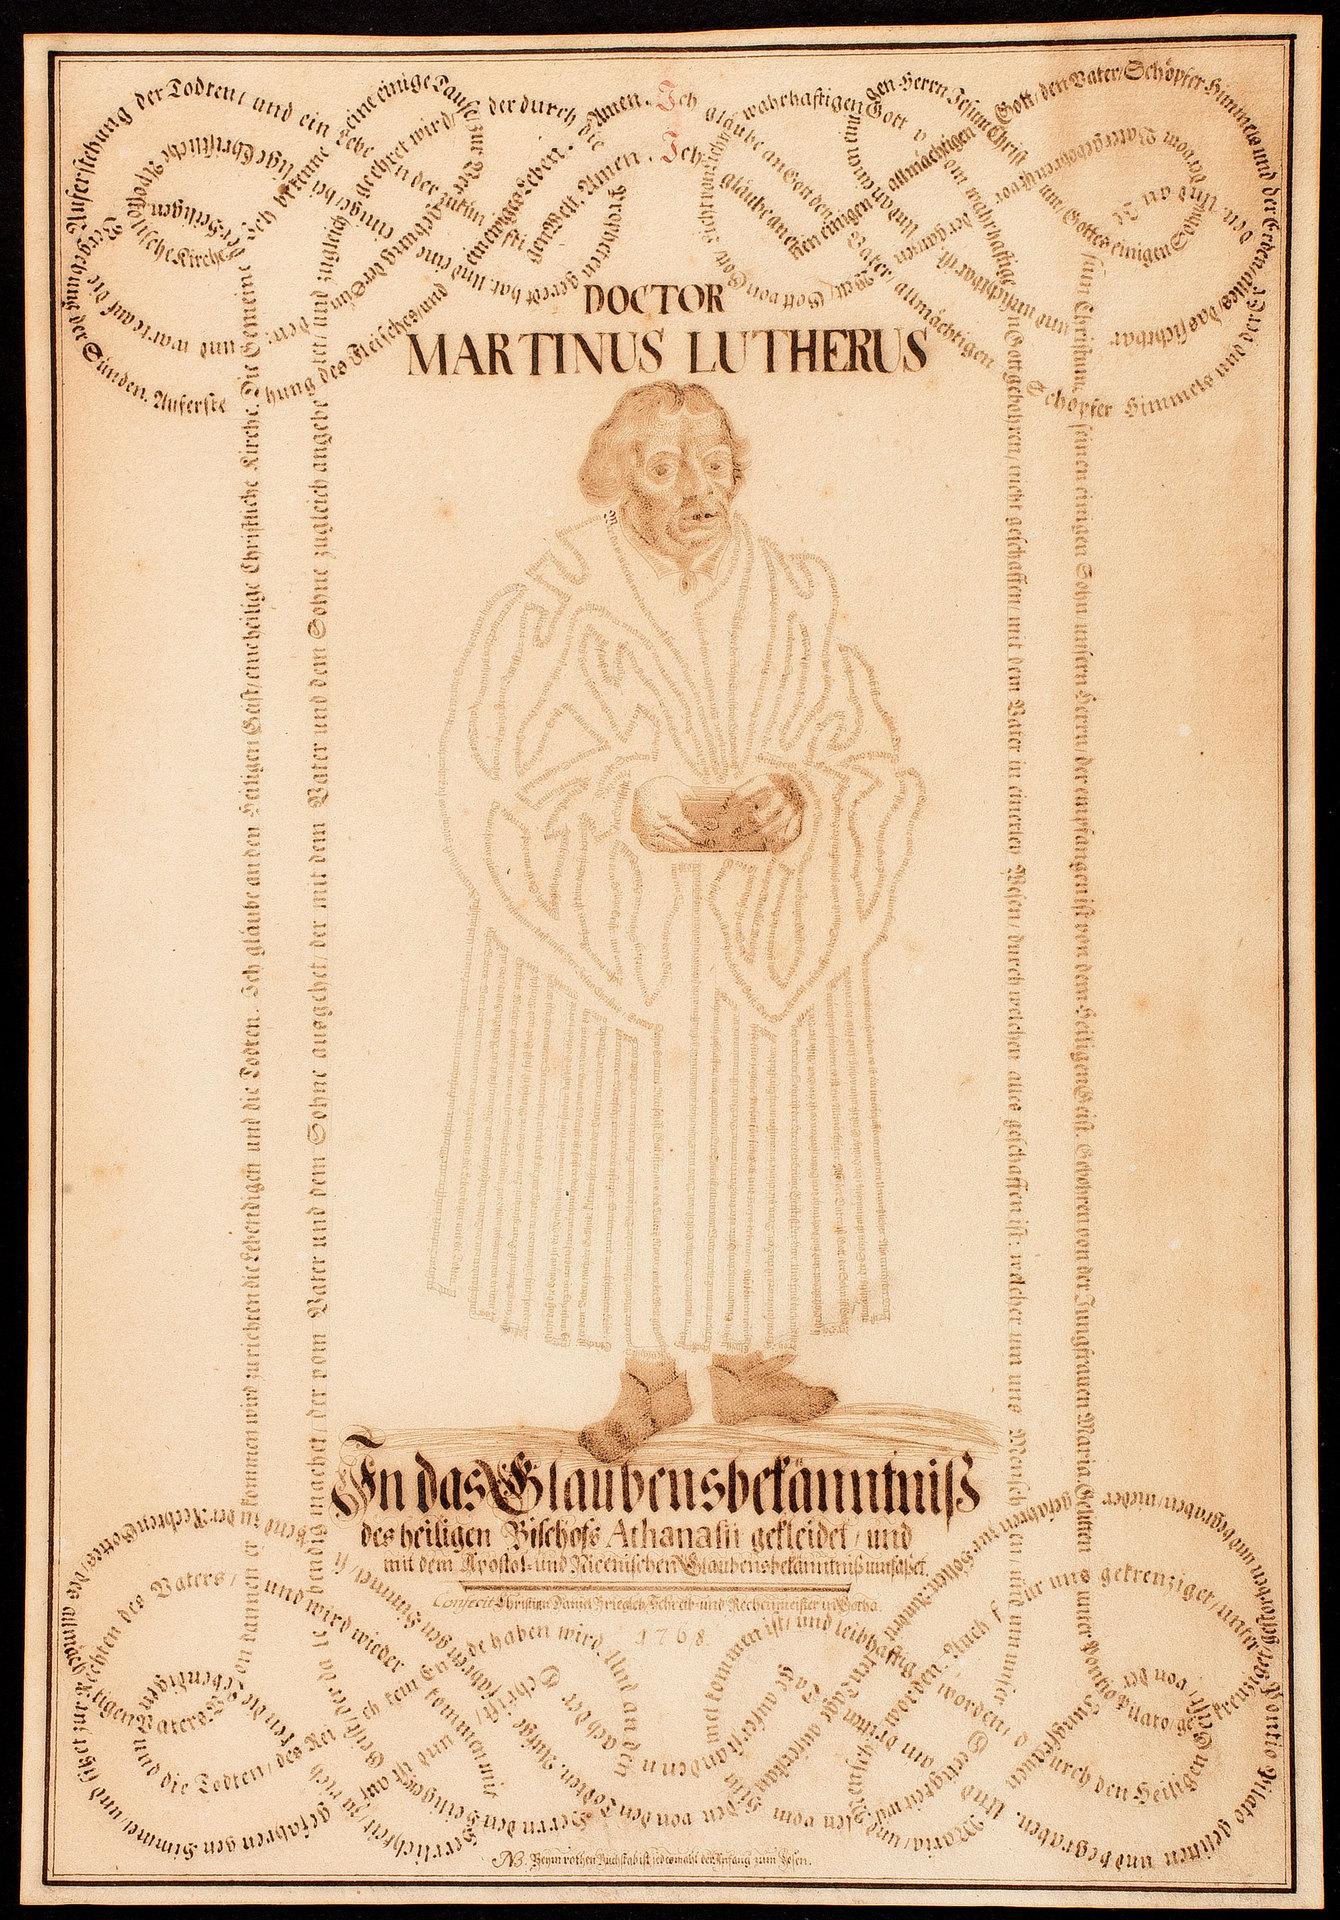 Doctor Martinus Lutherus In das Glaubensbekänntniß des heiligen Bischofs Athanasii gekleidet